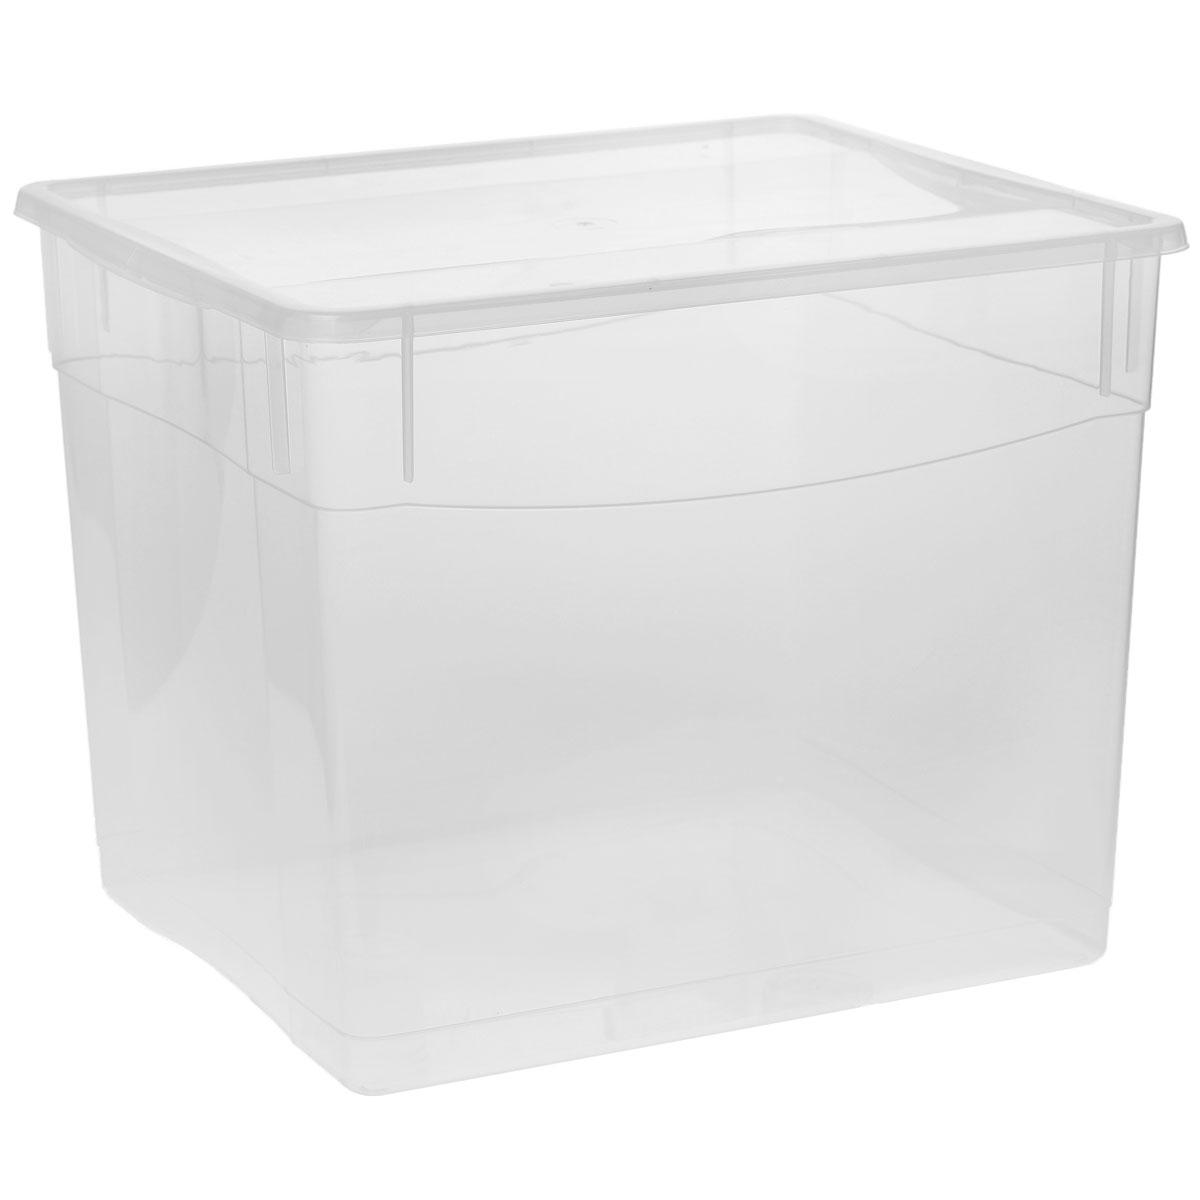 Ящик универсальный Econova Кристалл, 40 х 33,5 х 31,5 смС12815Прямоугольный ящик Econova Кристалл выполнен из высококачественного прозрачногополипропилена. Ящикплотно закрывается крышкой и оснащен ручками. Подходит для хранения одежды и различныхбытовых вещей.Ящик Econova Кристалл очень вместителен и поможет вам хранить все необходимое в одномместе.Объем: 34 л.